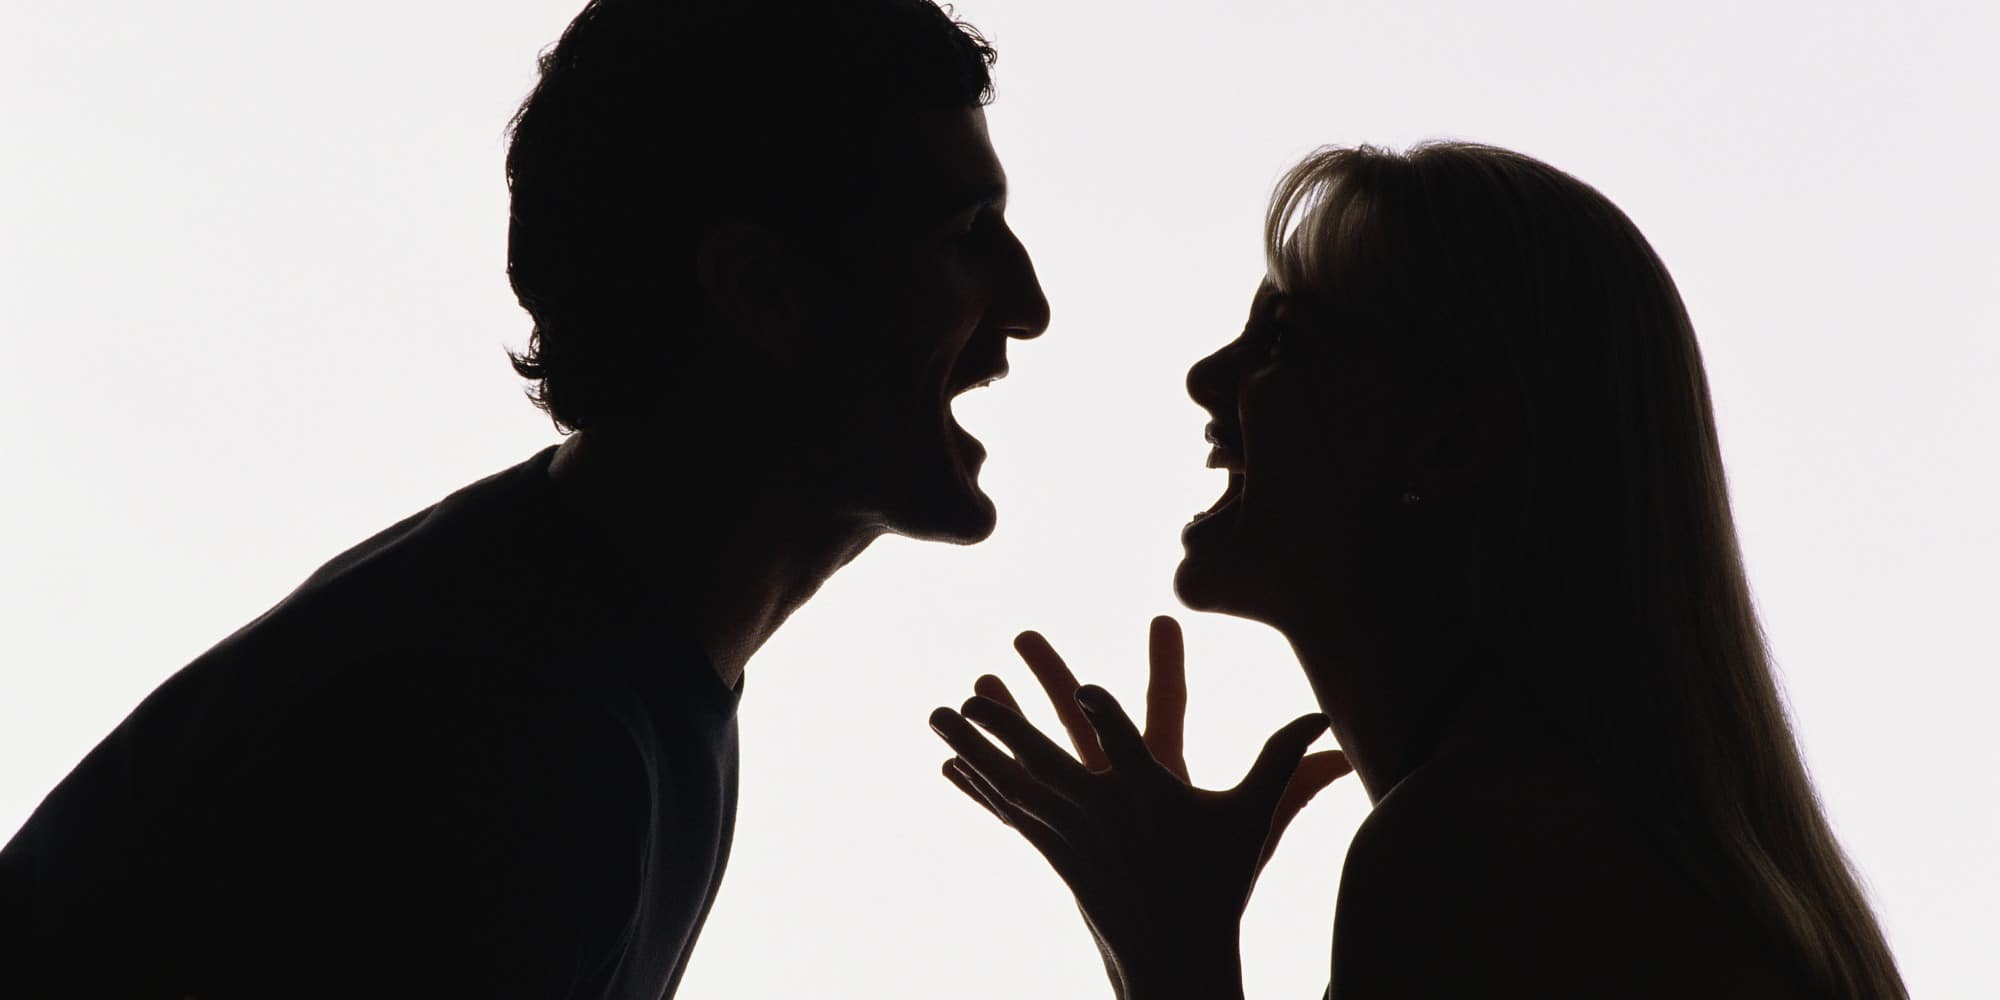 Le conflit : un déchirement nécessaire ?